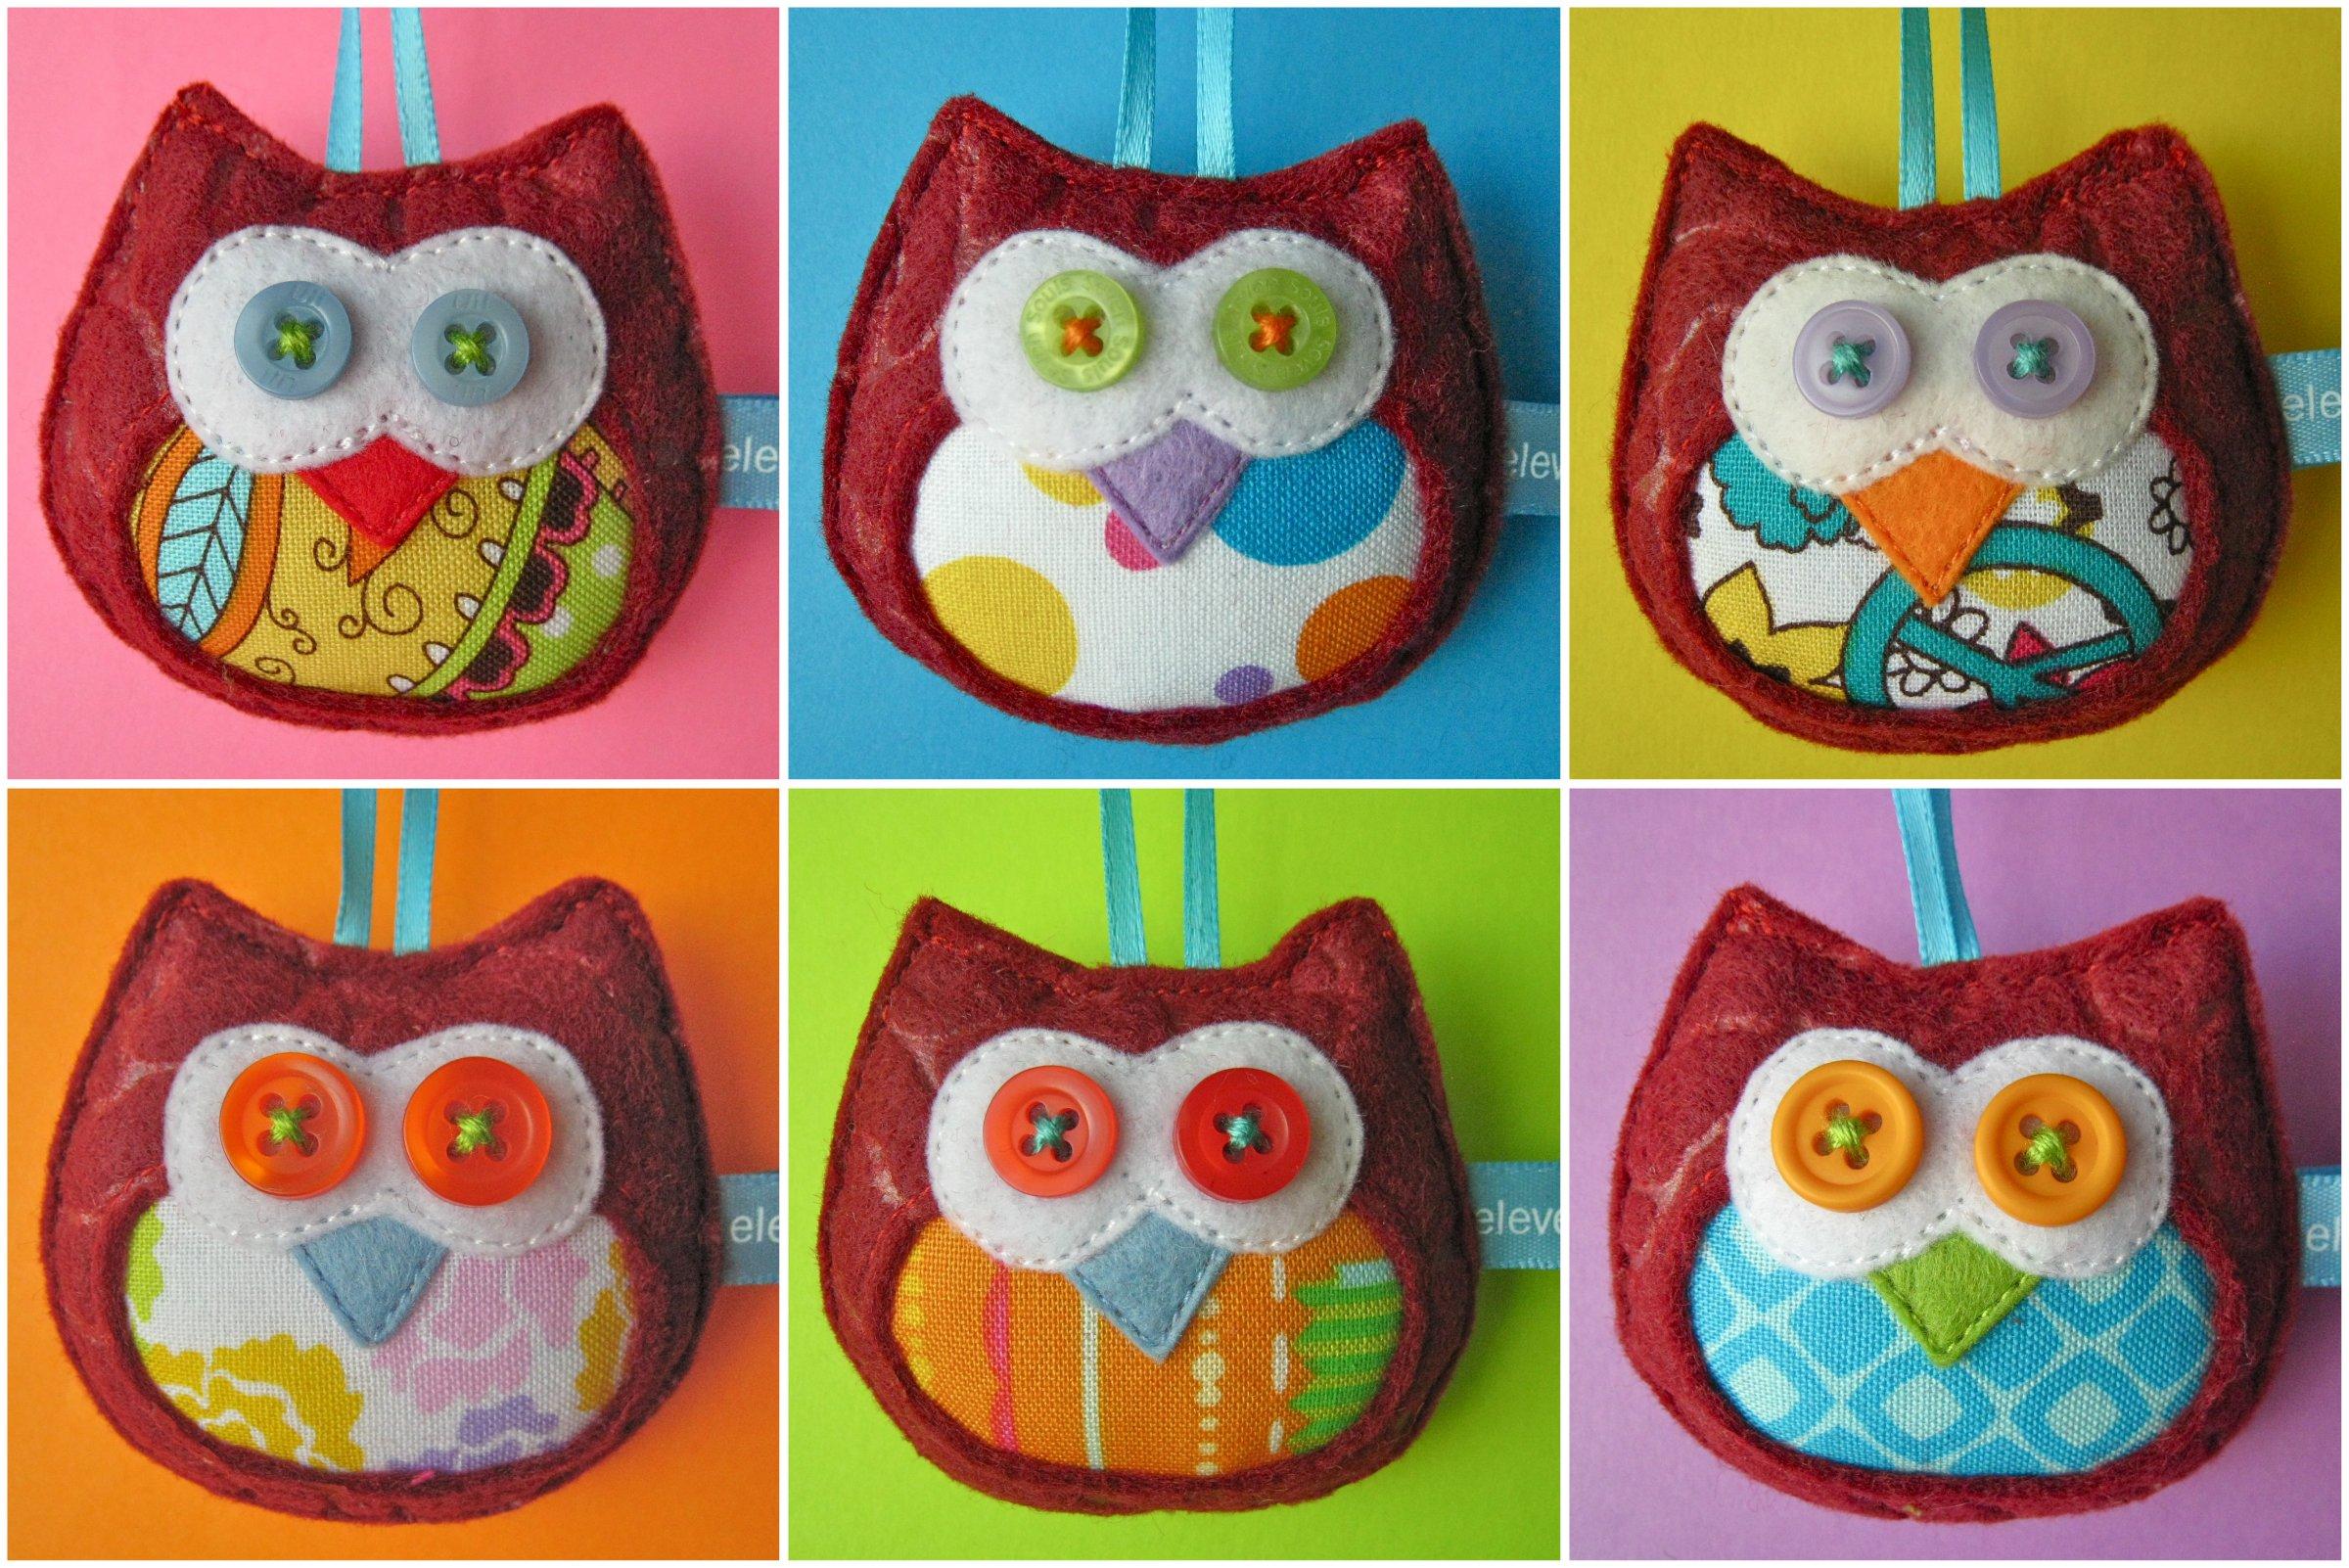 The tiny bordeaux owls